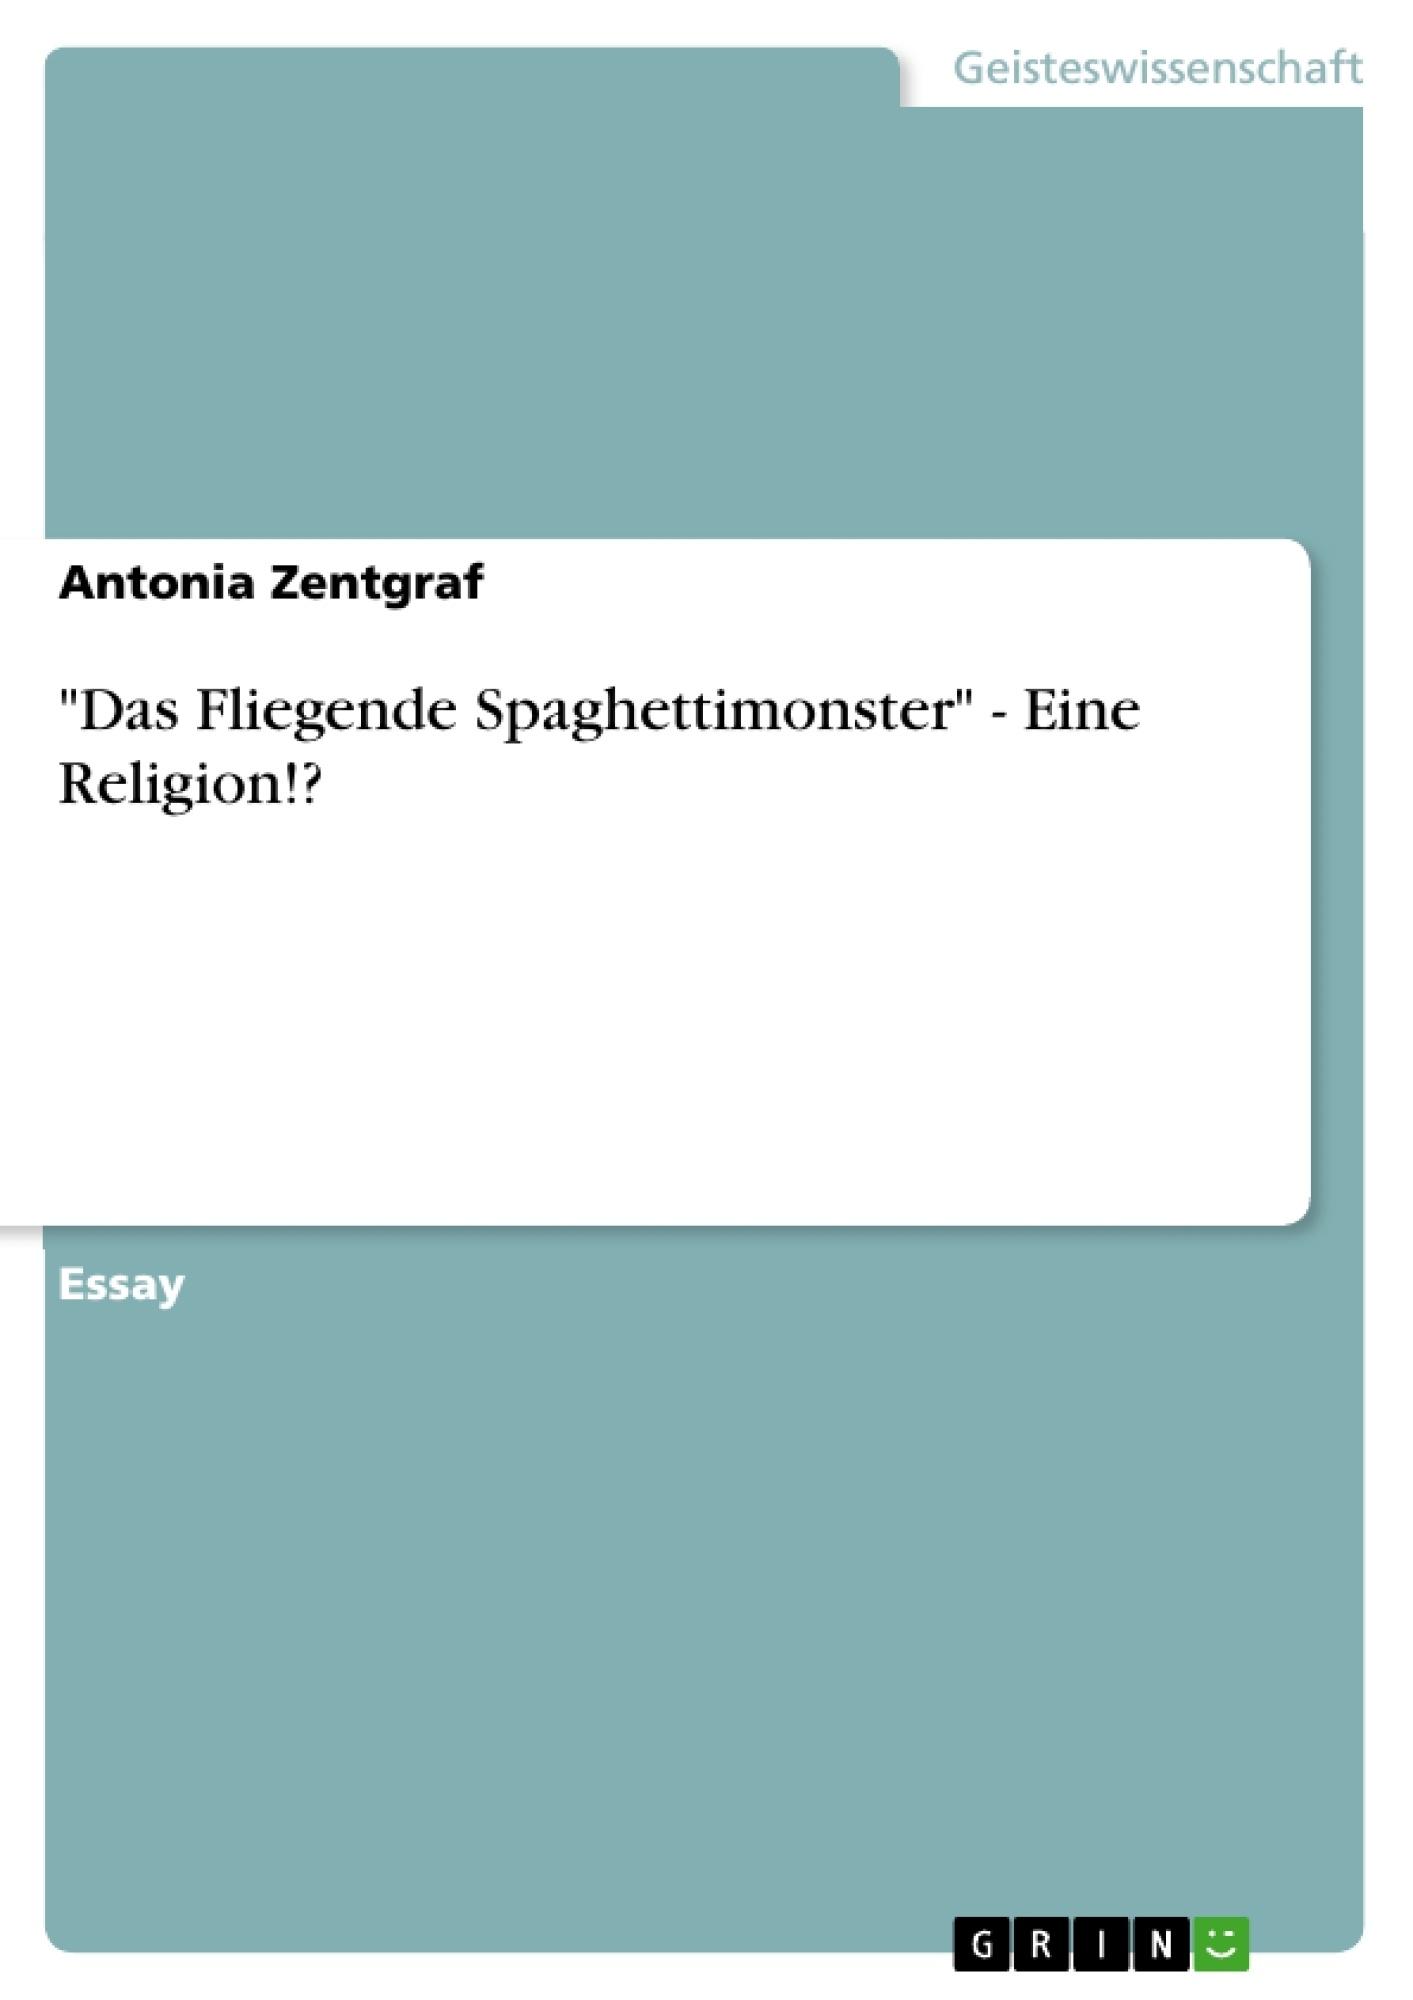 """Titel: """"Das Fliegende Spaghettimonster"""" - Eine Religion!?"""